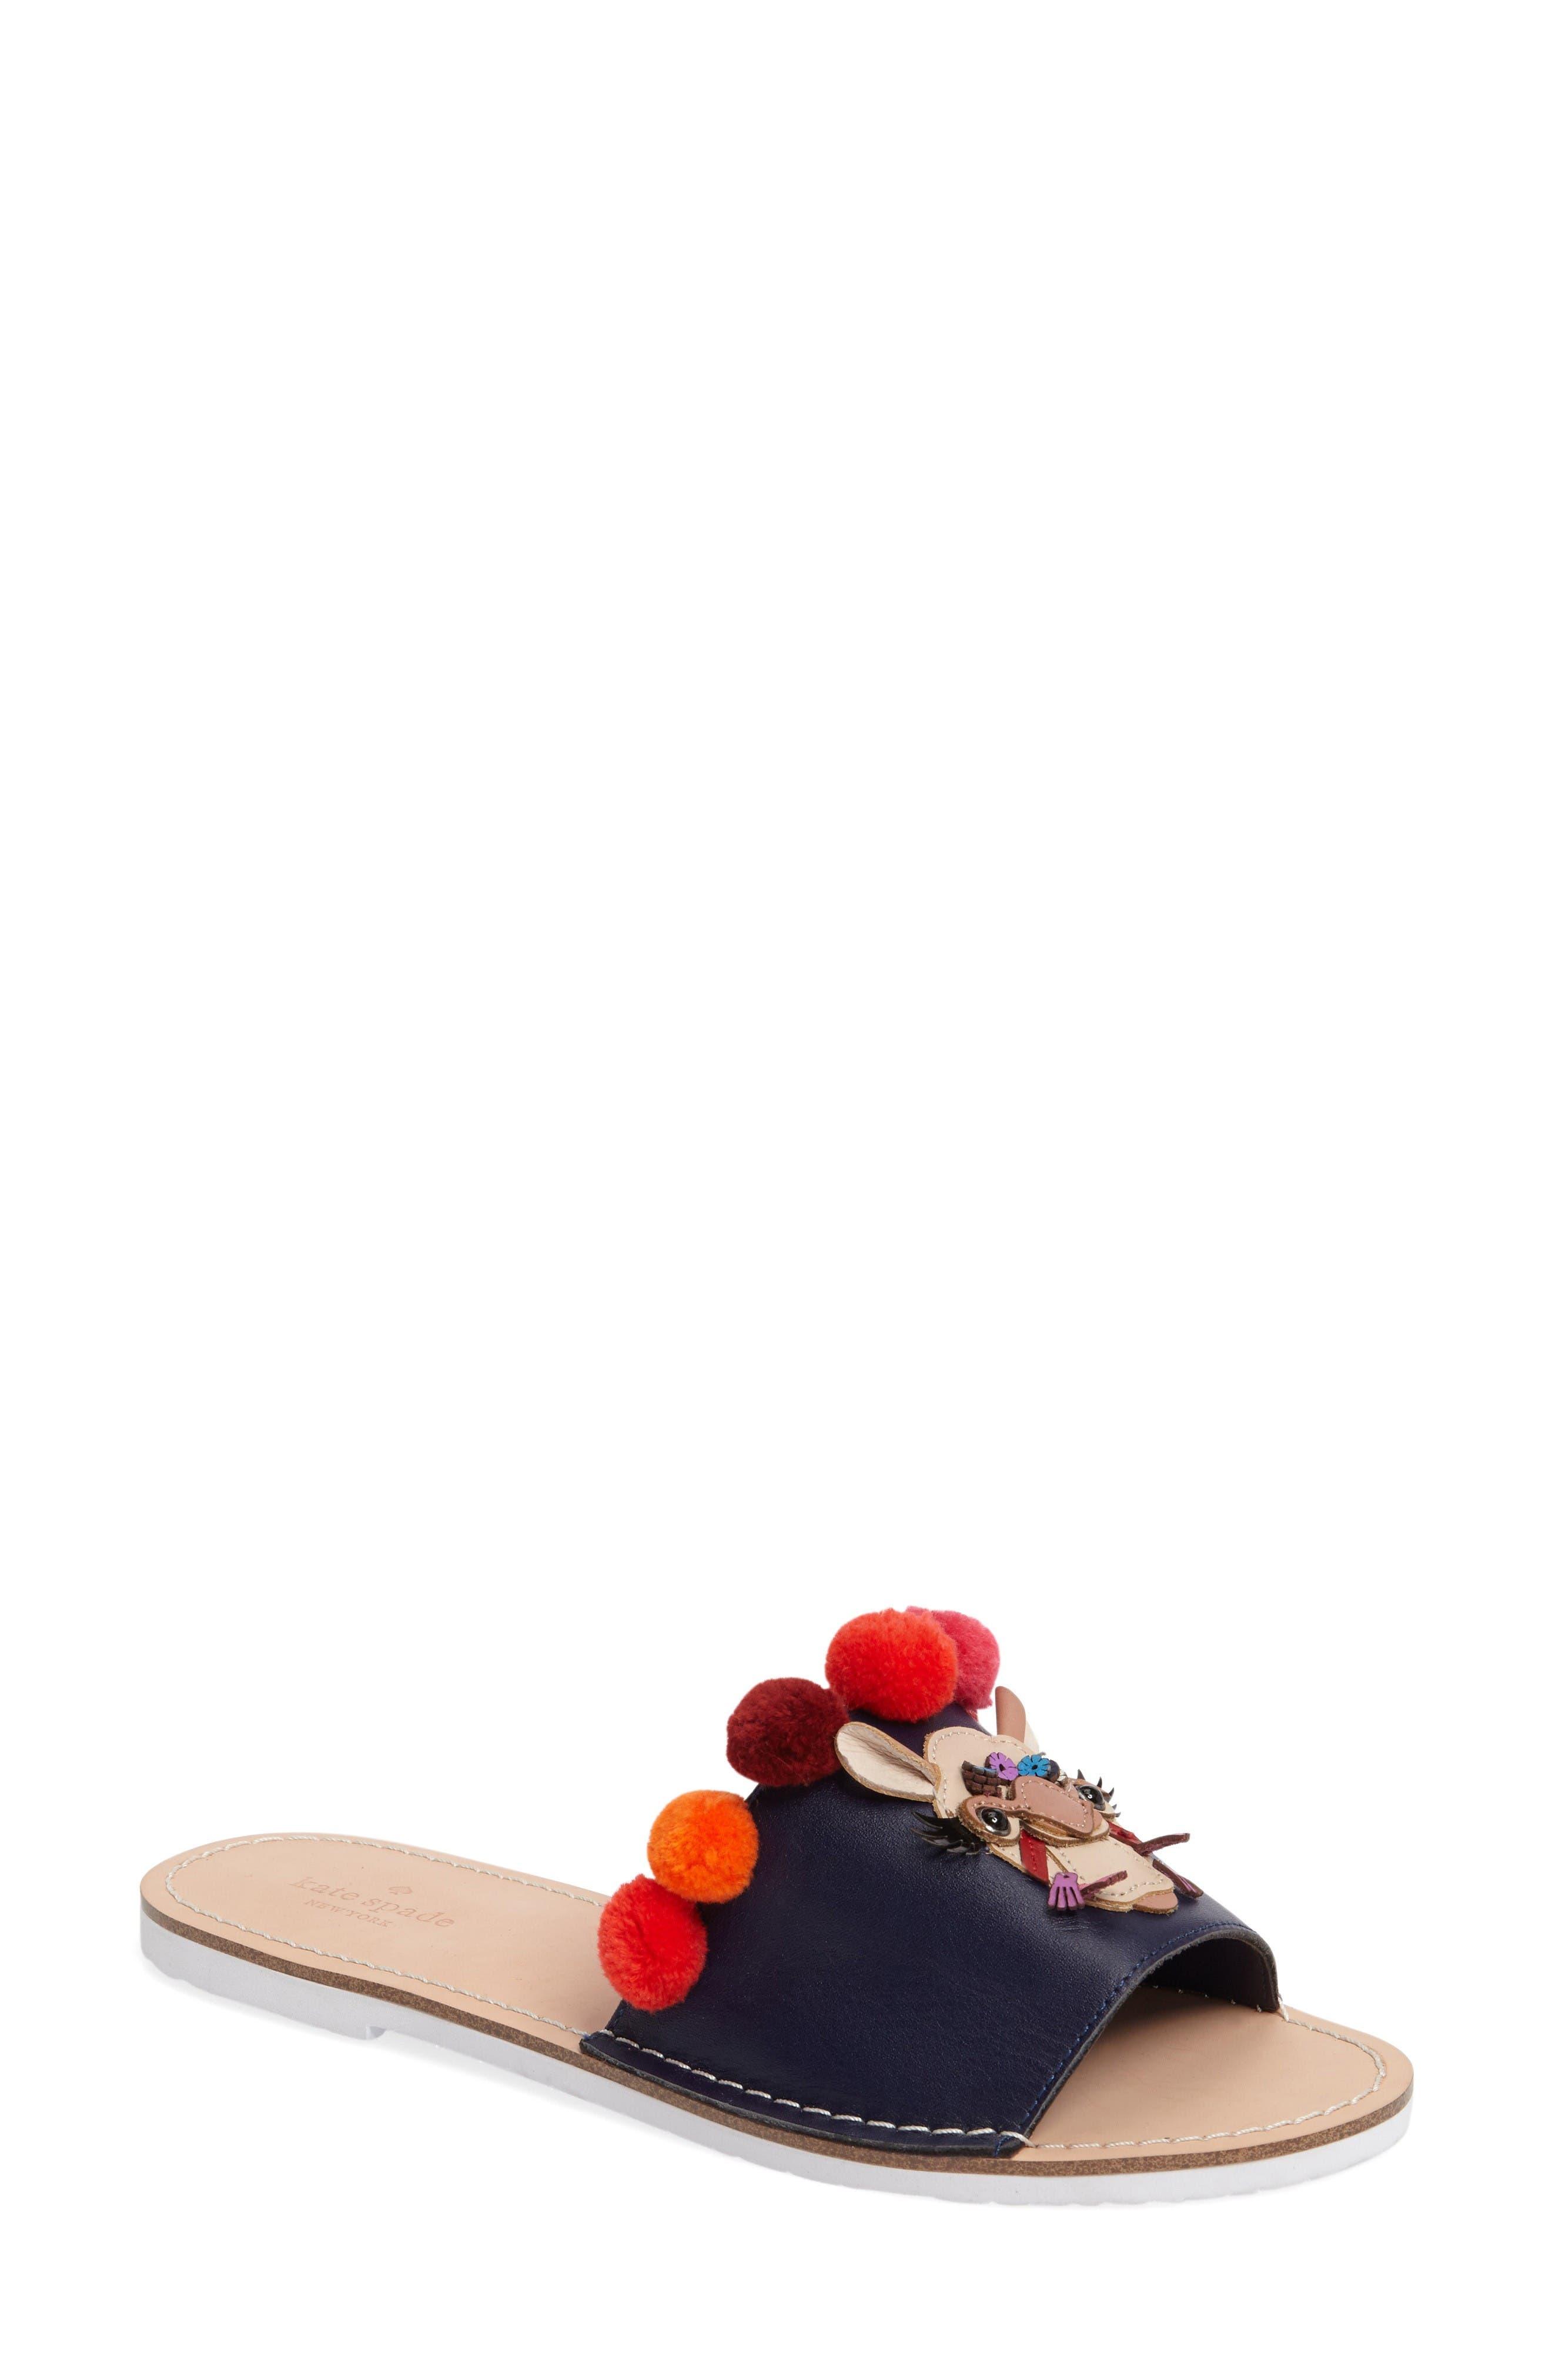 kate spade new york idelphia slide sandal (Women)